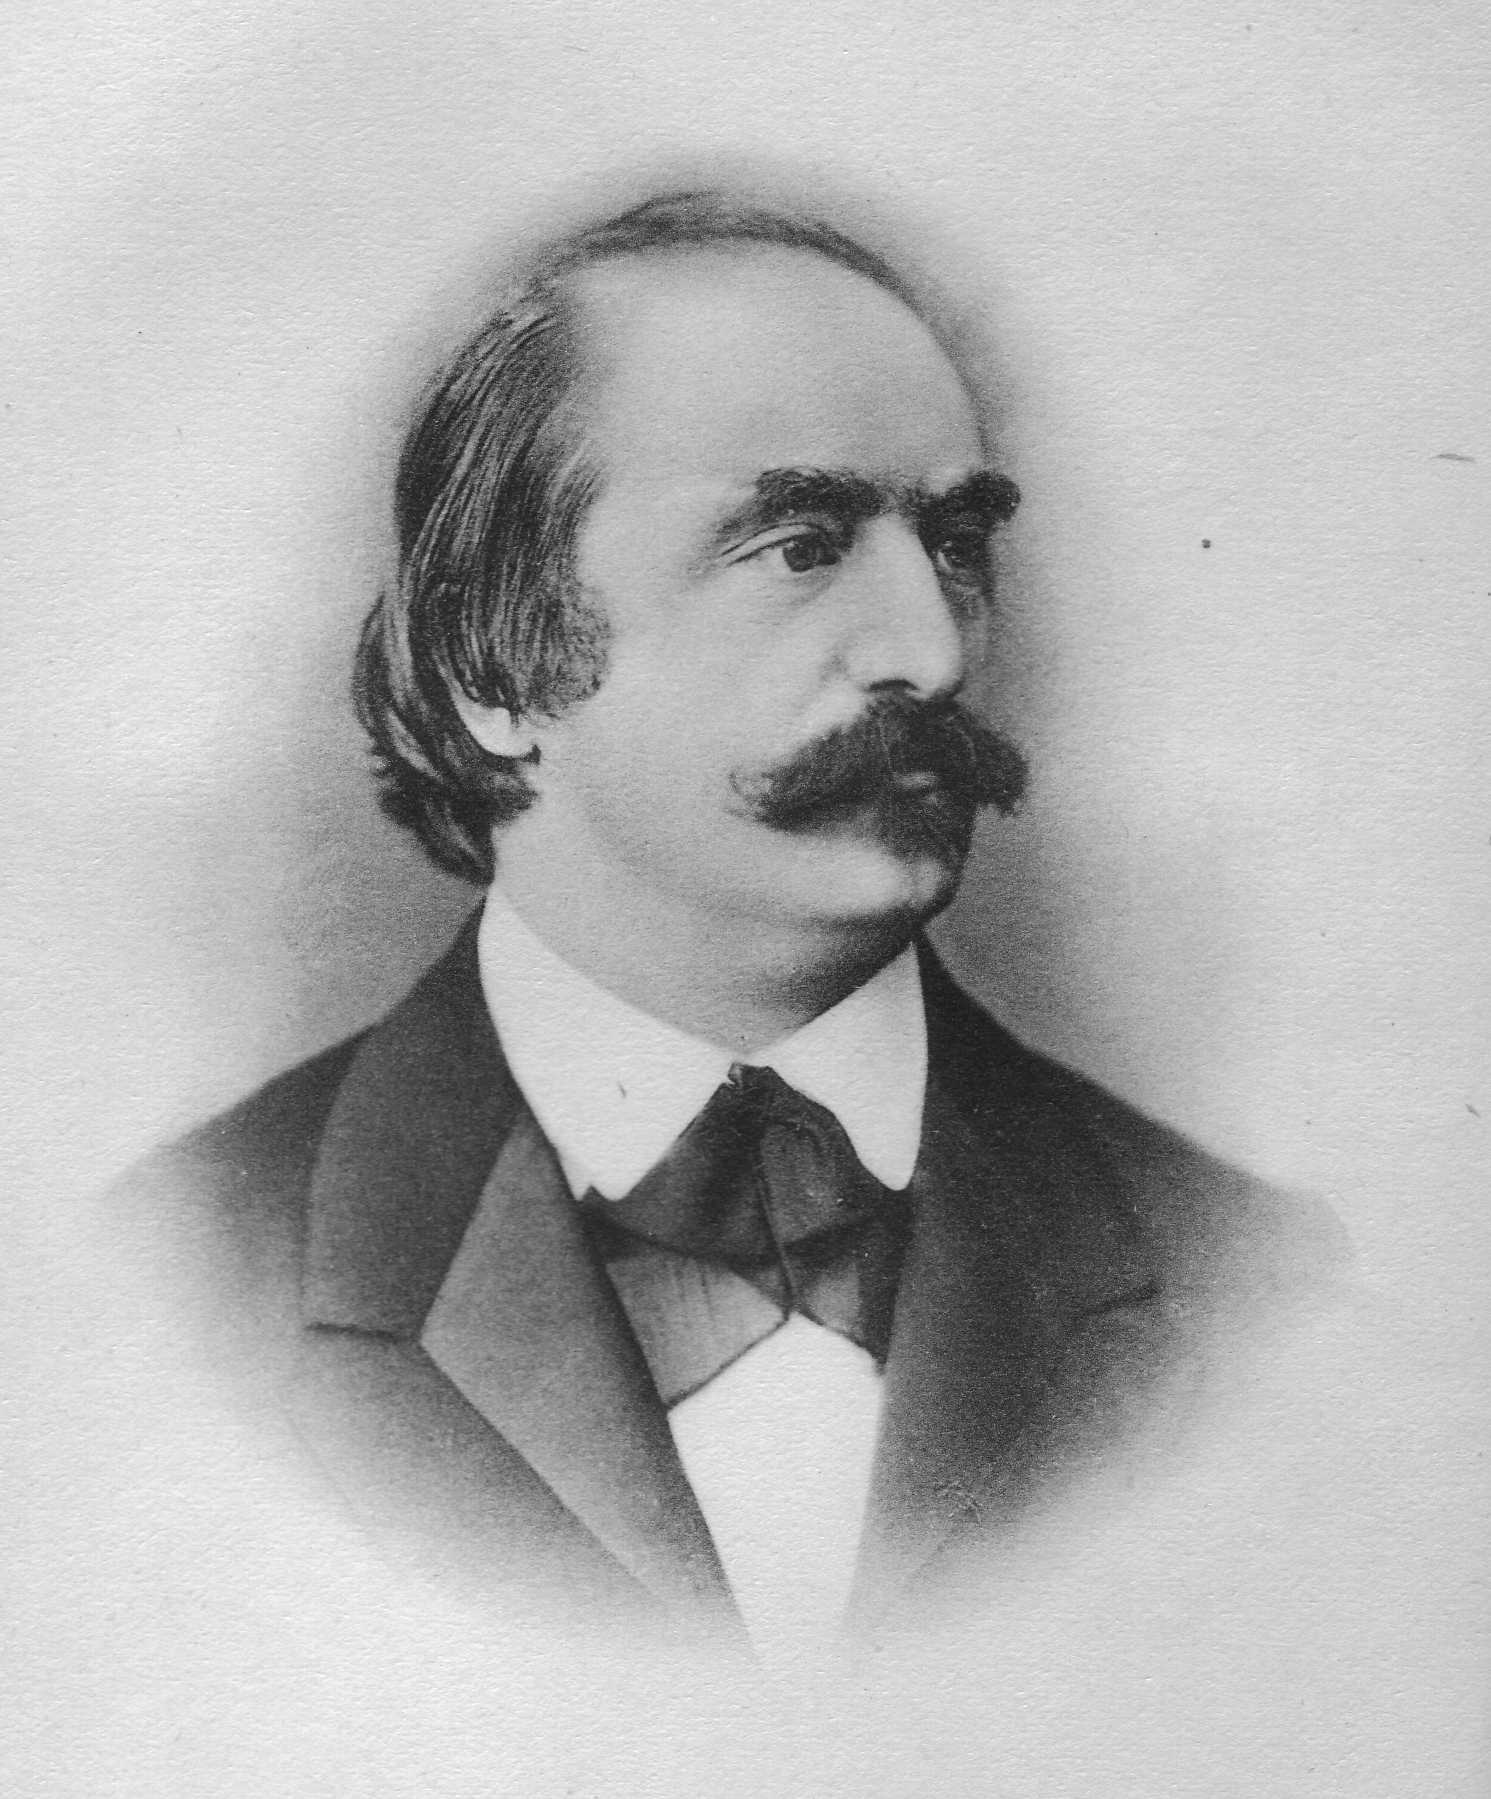 「エドゥアルト・ハンスリック」の画像検索結果